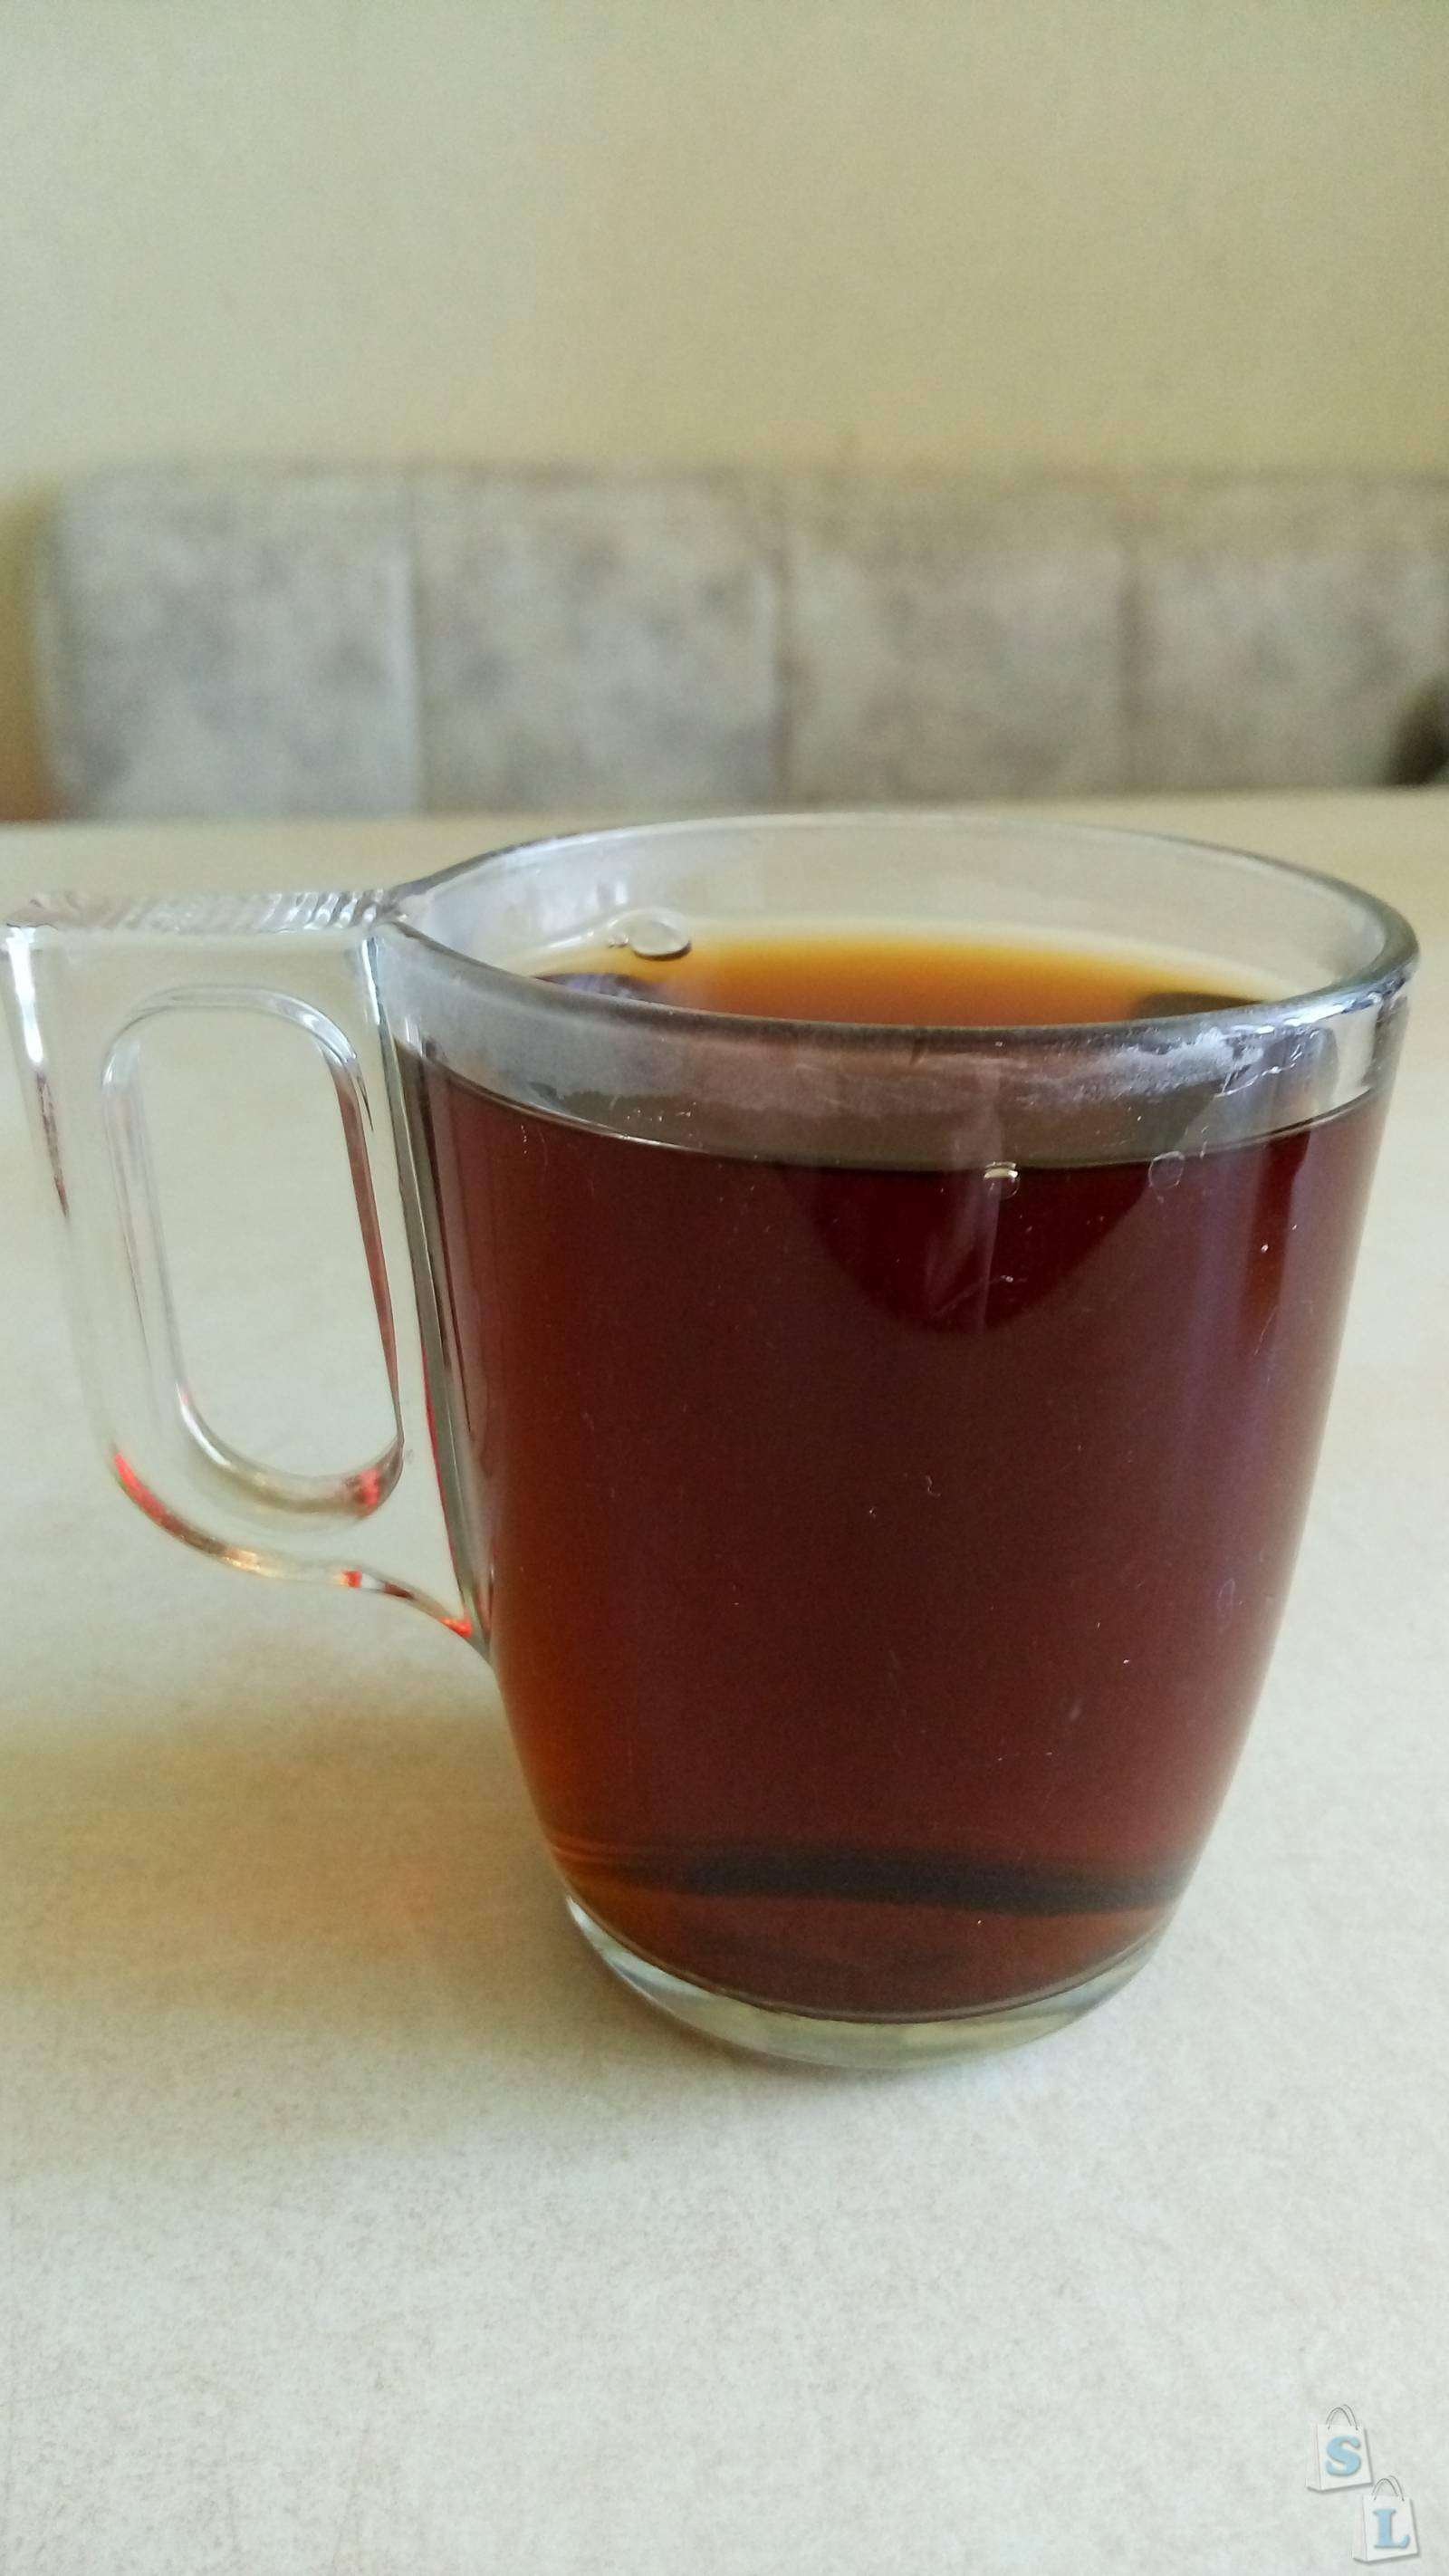 Aliexpress: Первый опыт покупки чая пуэр